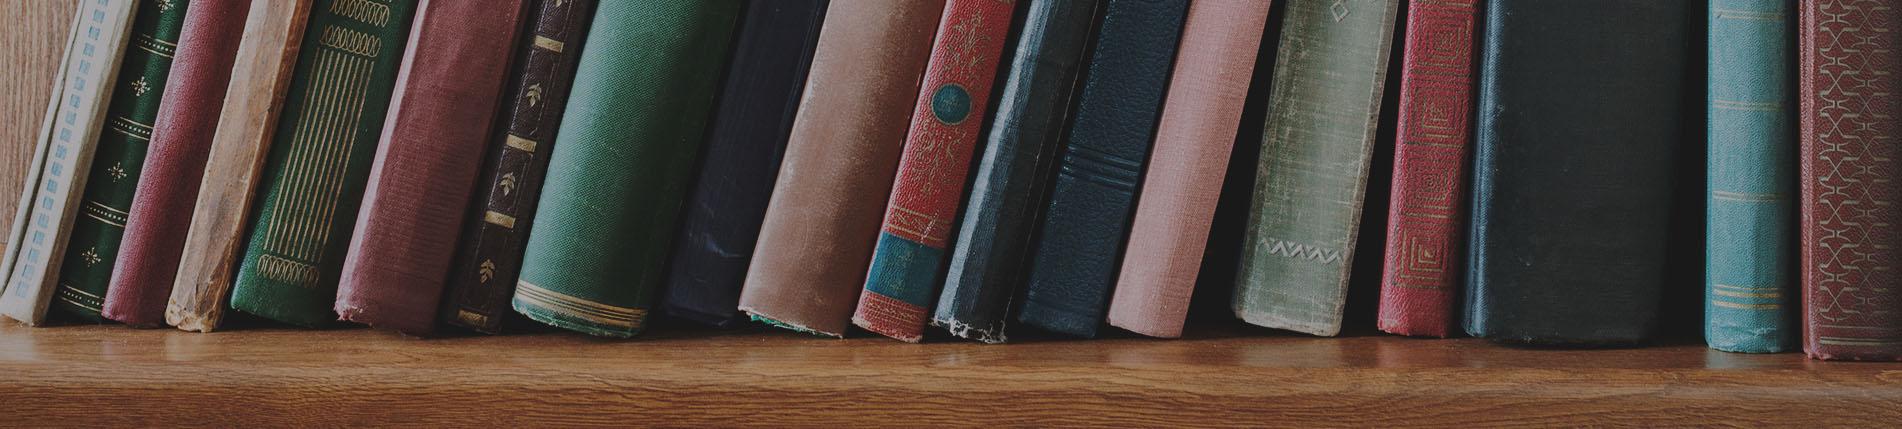 Aikuisten kirjat